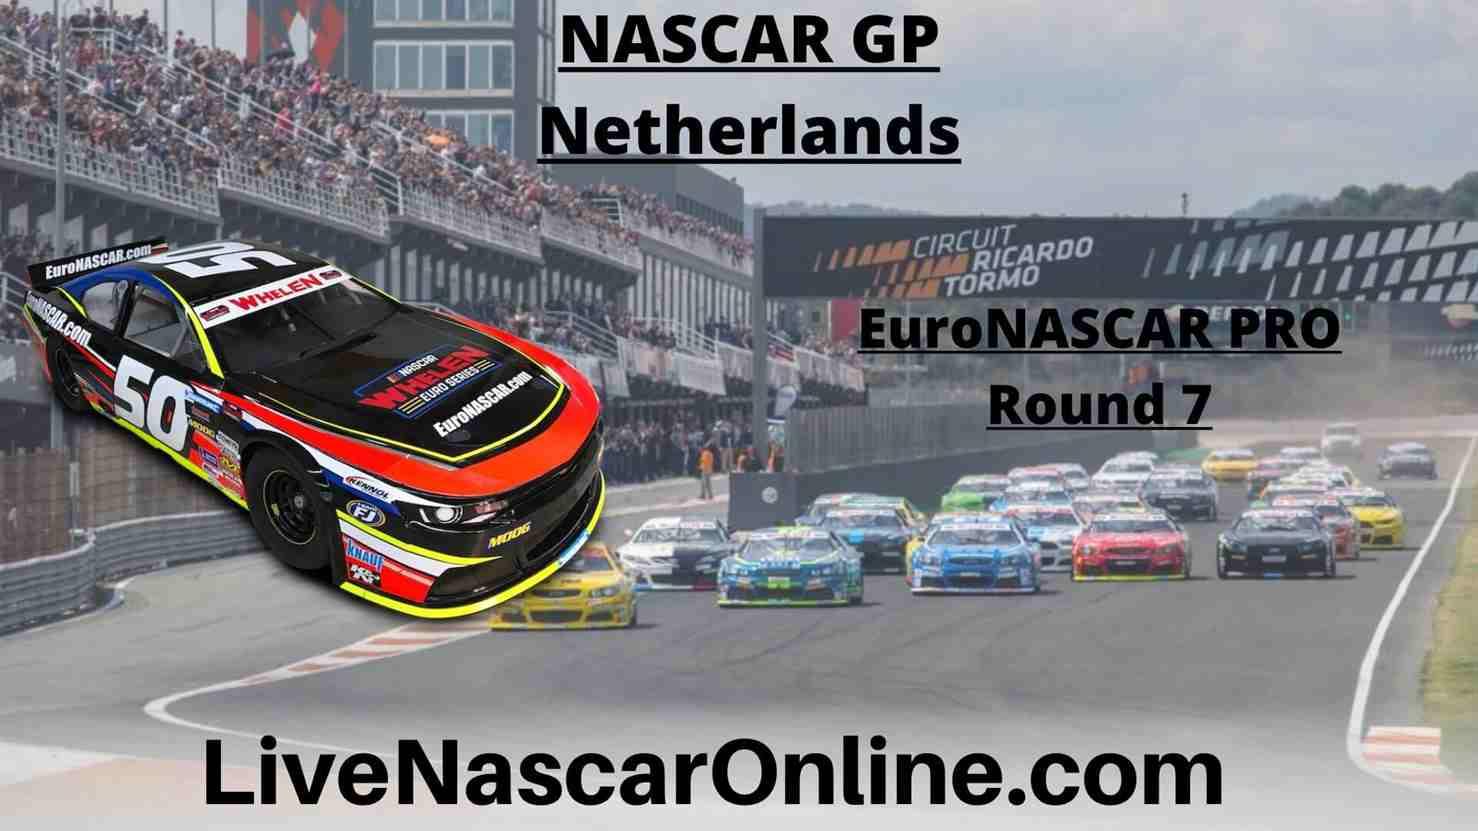 NASCAR GP Netherlands Online Stream | Euro NASCAR PRO Round 7